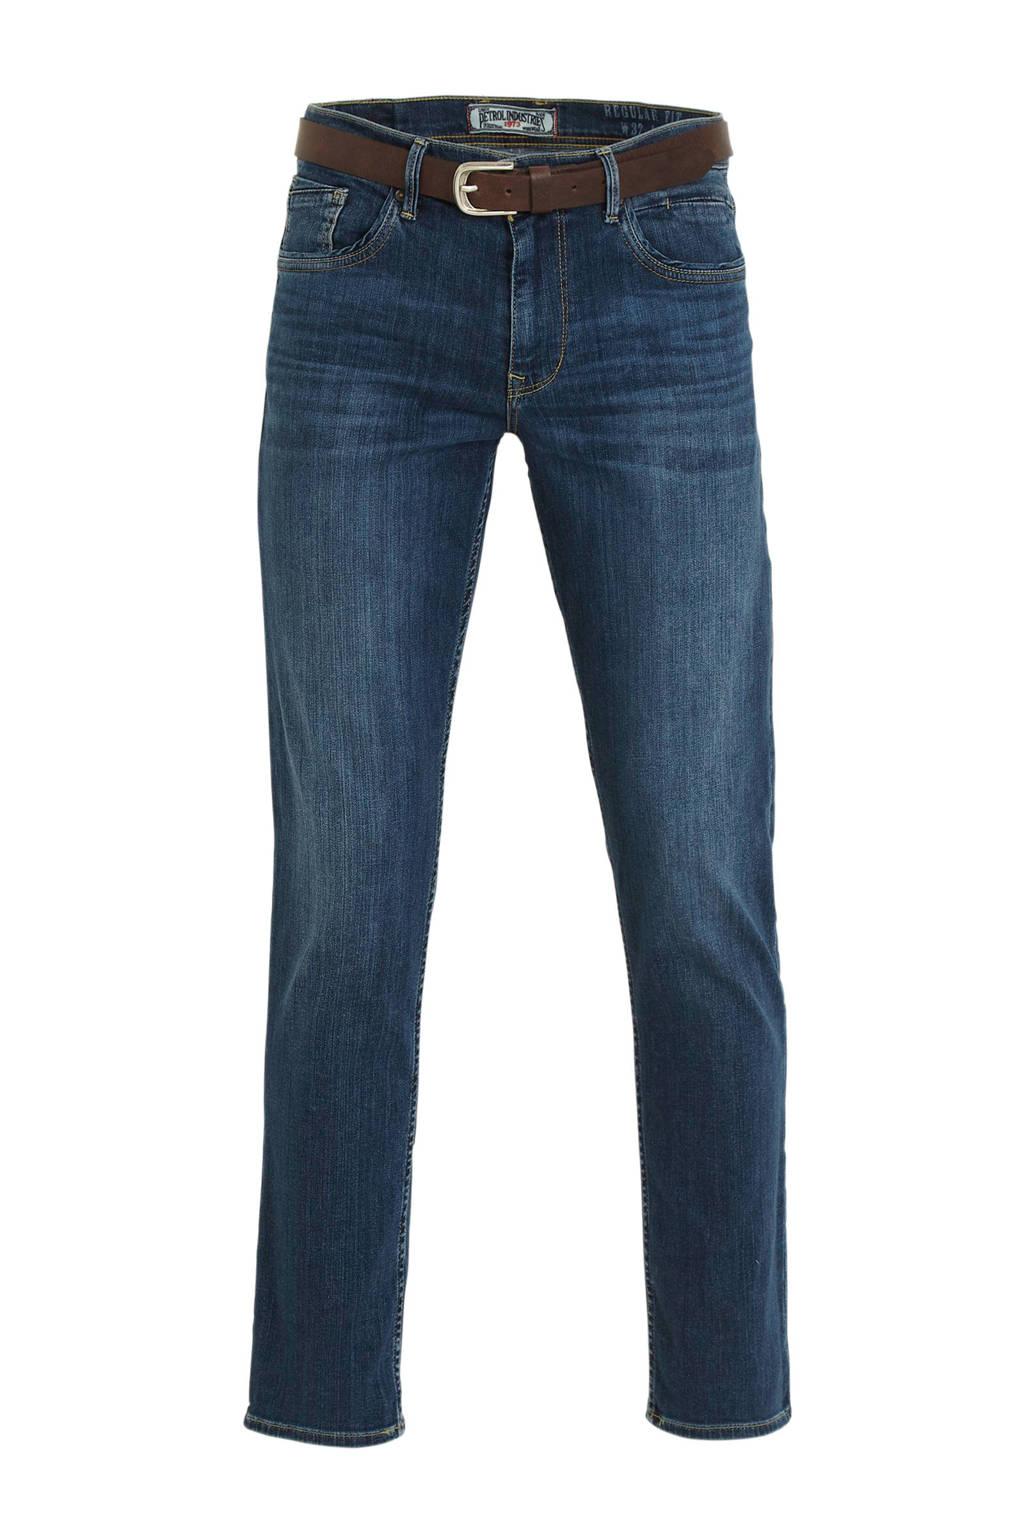 Petrol Industries regular fit jeans Riley dusty indigo, Dusty indigo